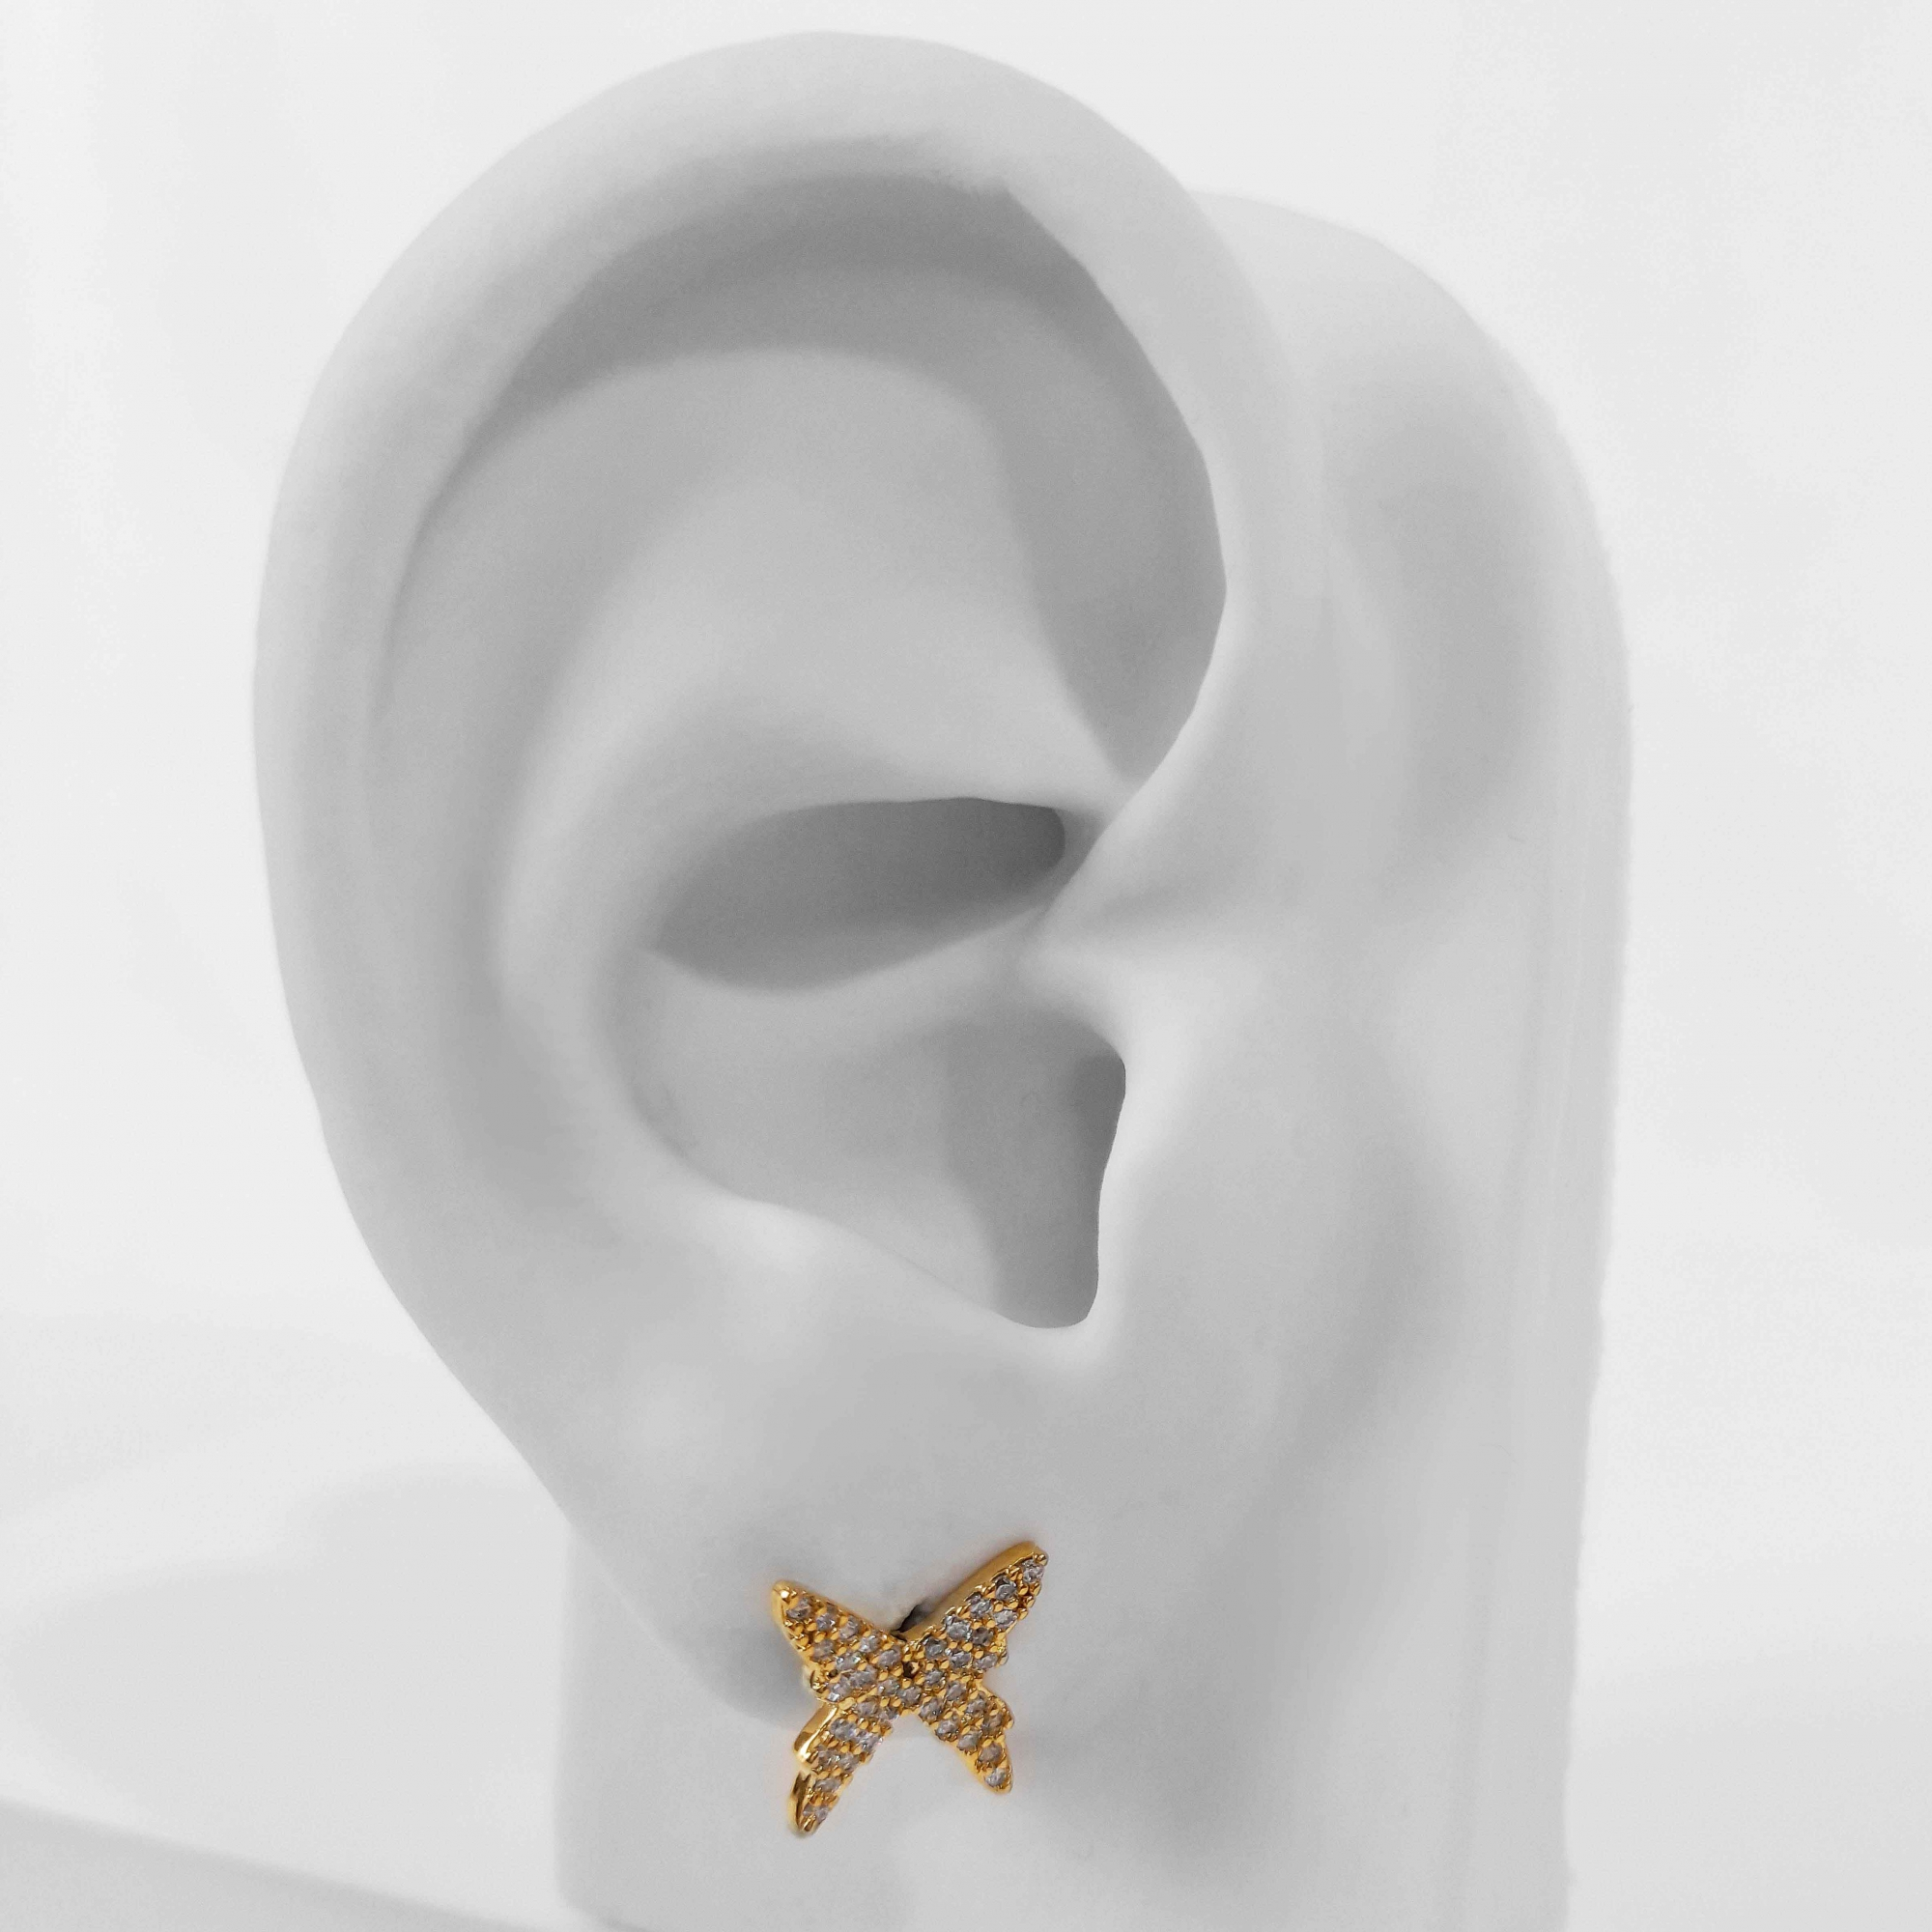 Brinco Borboleta Cravejada em Zircônias Folheado a Ouro 18k  - Lunozê Joias